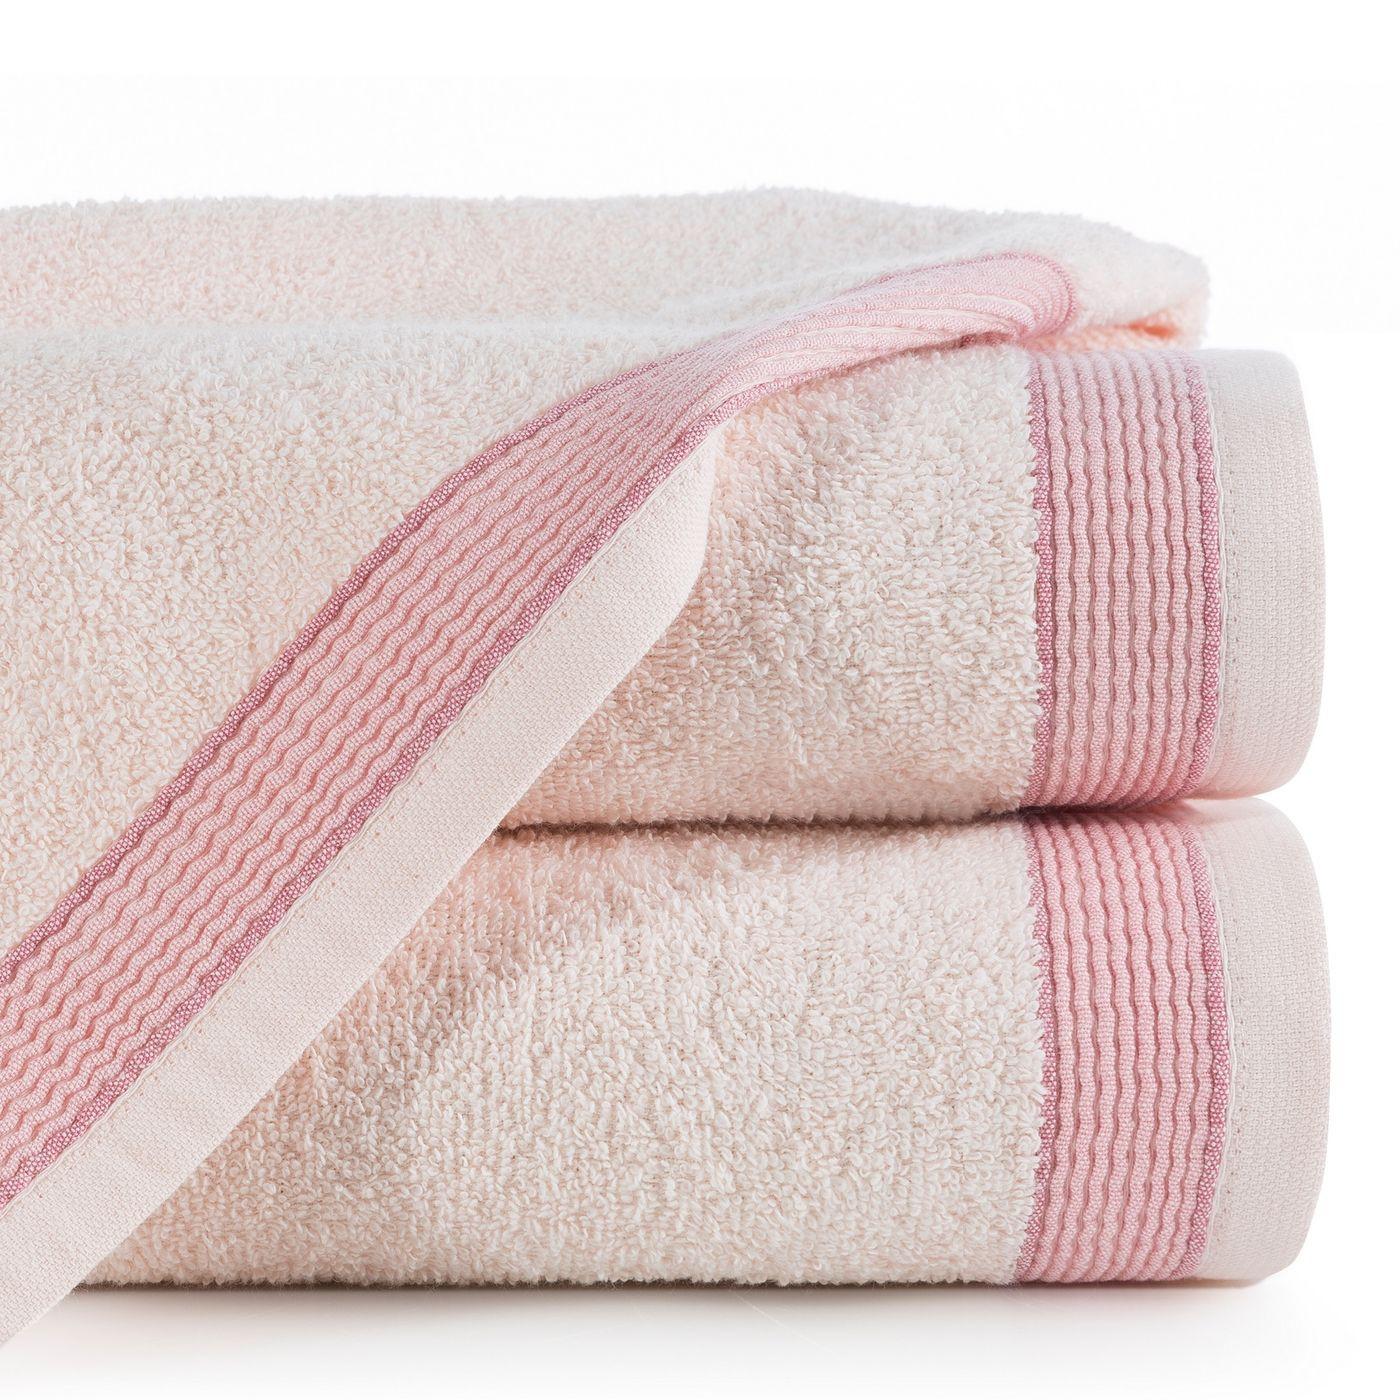 Ręcznik Bill Eurofirany Premium 50x90 jasnoróżowy